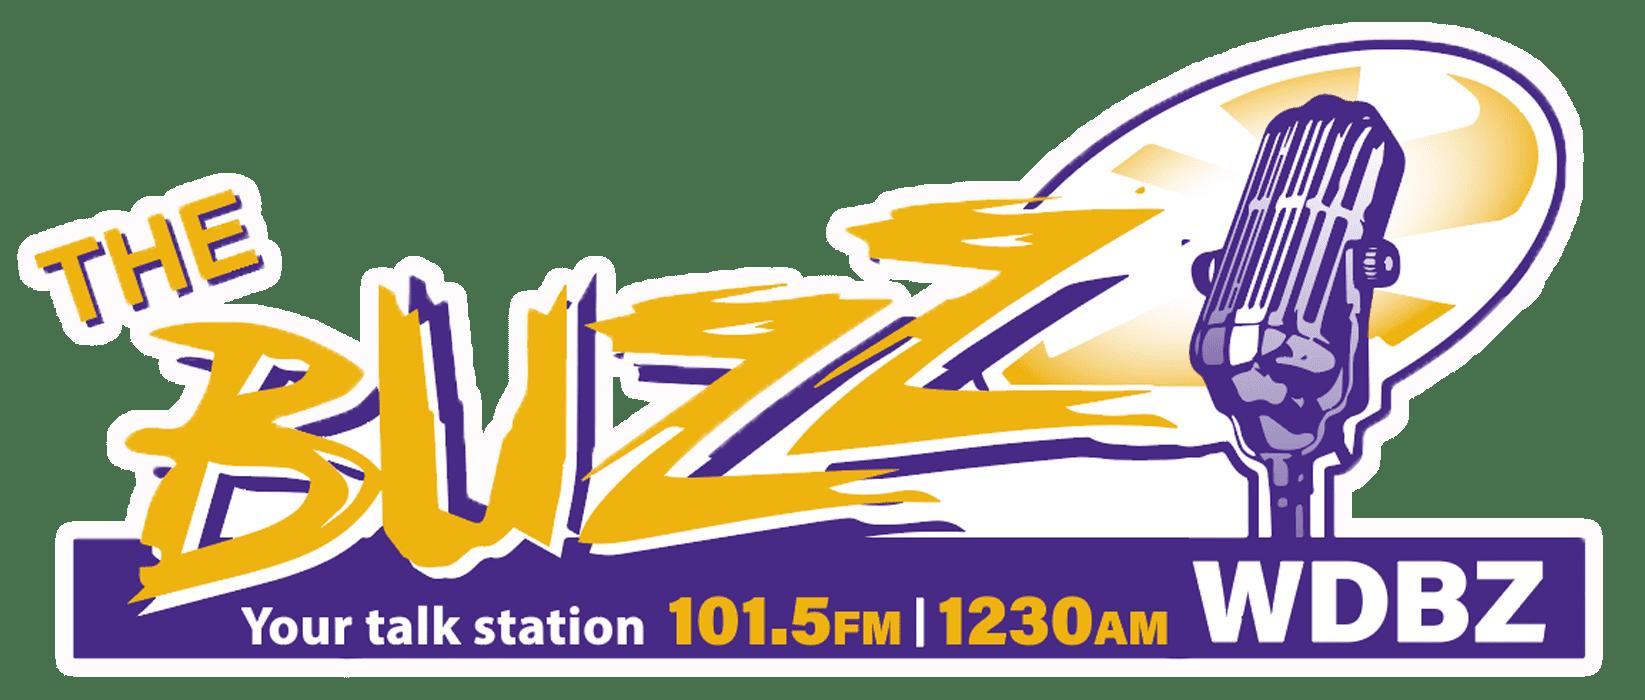 WDBZ 101.5 FM logo